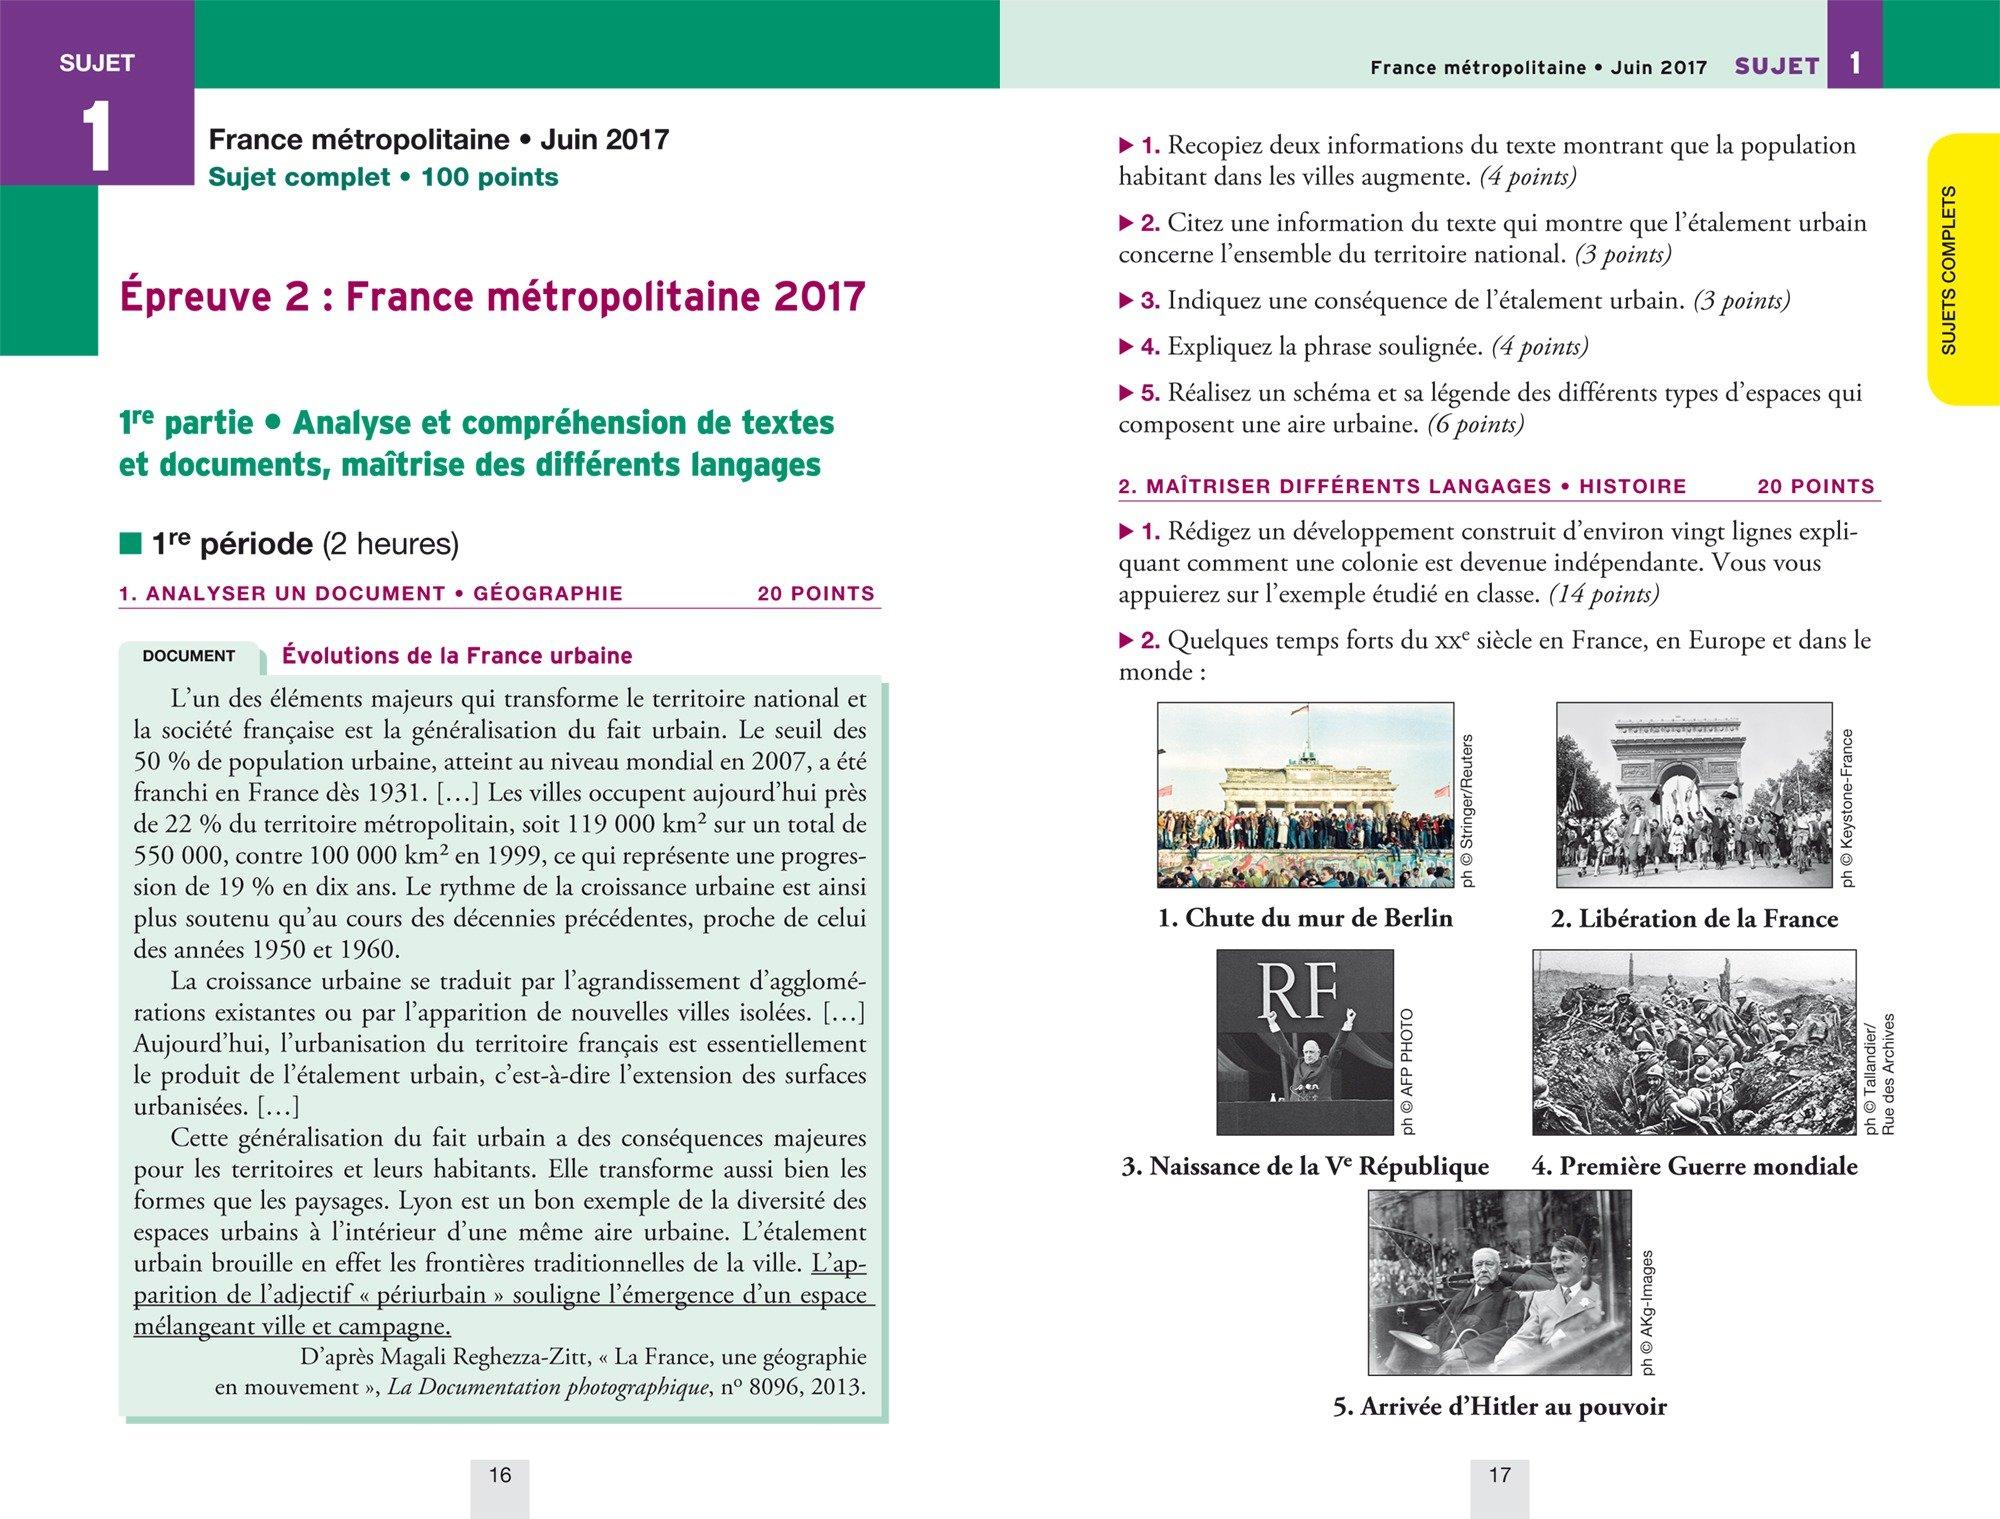 Annales Annabrevet 2018 Histoire Géographie EMC 3e: sujets et corrigés, nouveau brevet: Amazon.es: Christine Formond, Louise Taquechel, Marielle Chevallier, ...